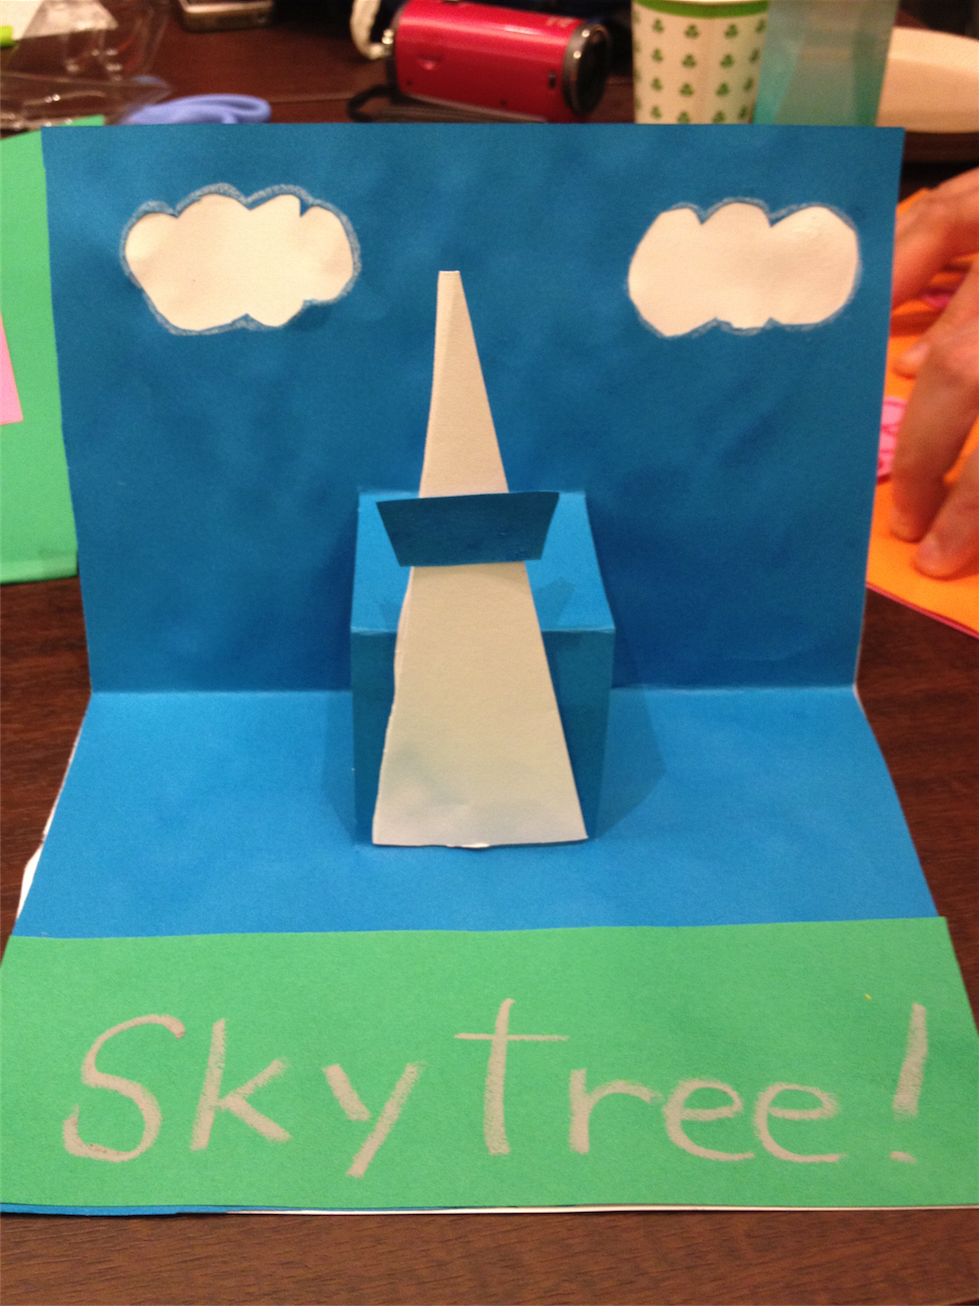 12 skytree